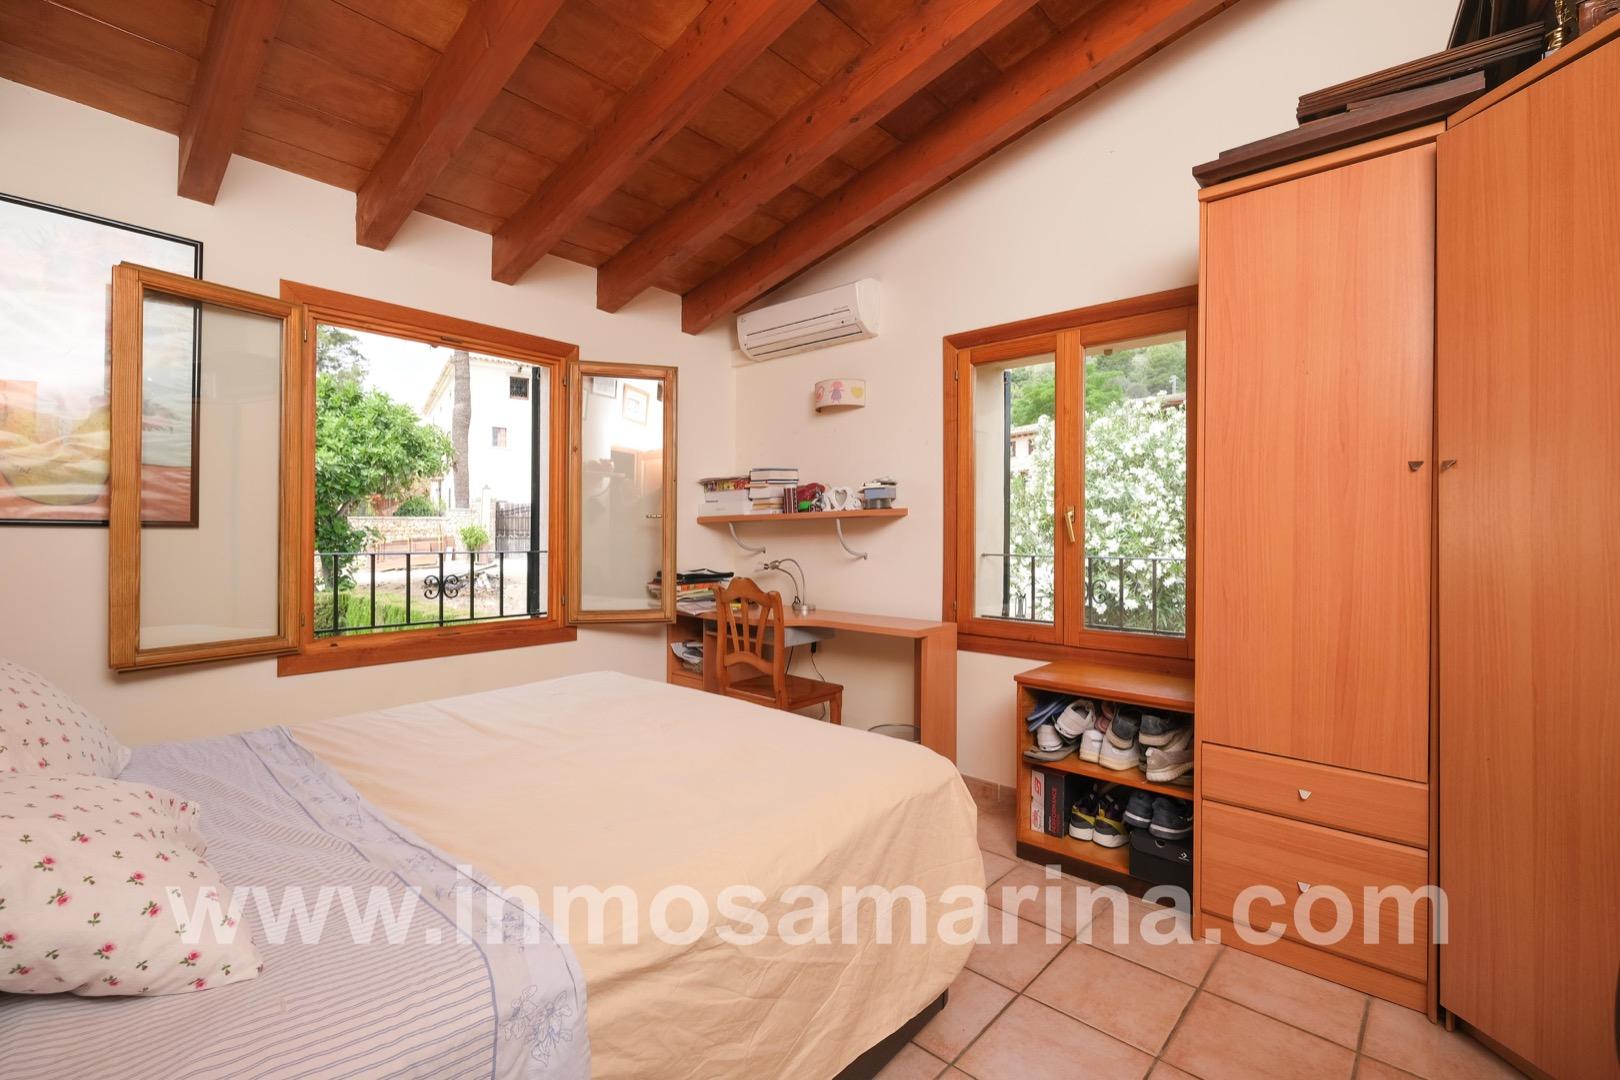 Location Maison  Carrer margalida sintes. Adosado en mancor con vistas a la sierra de tramuntana